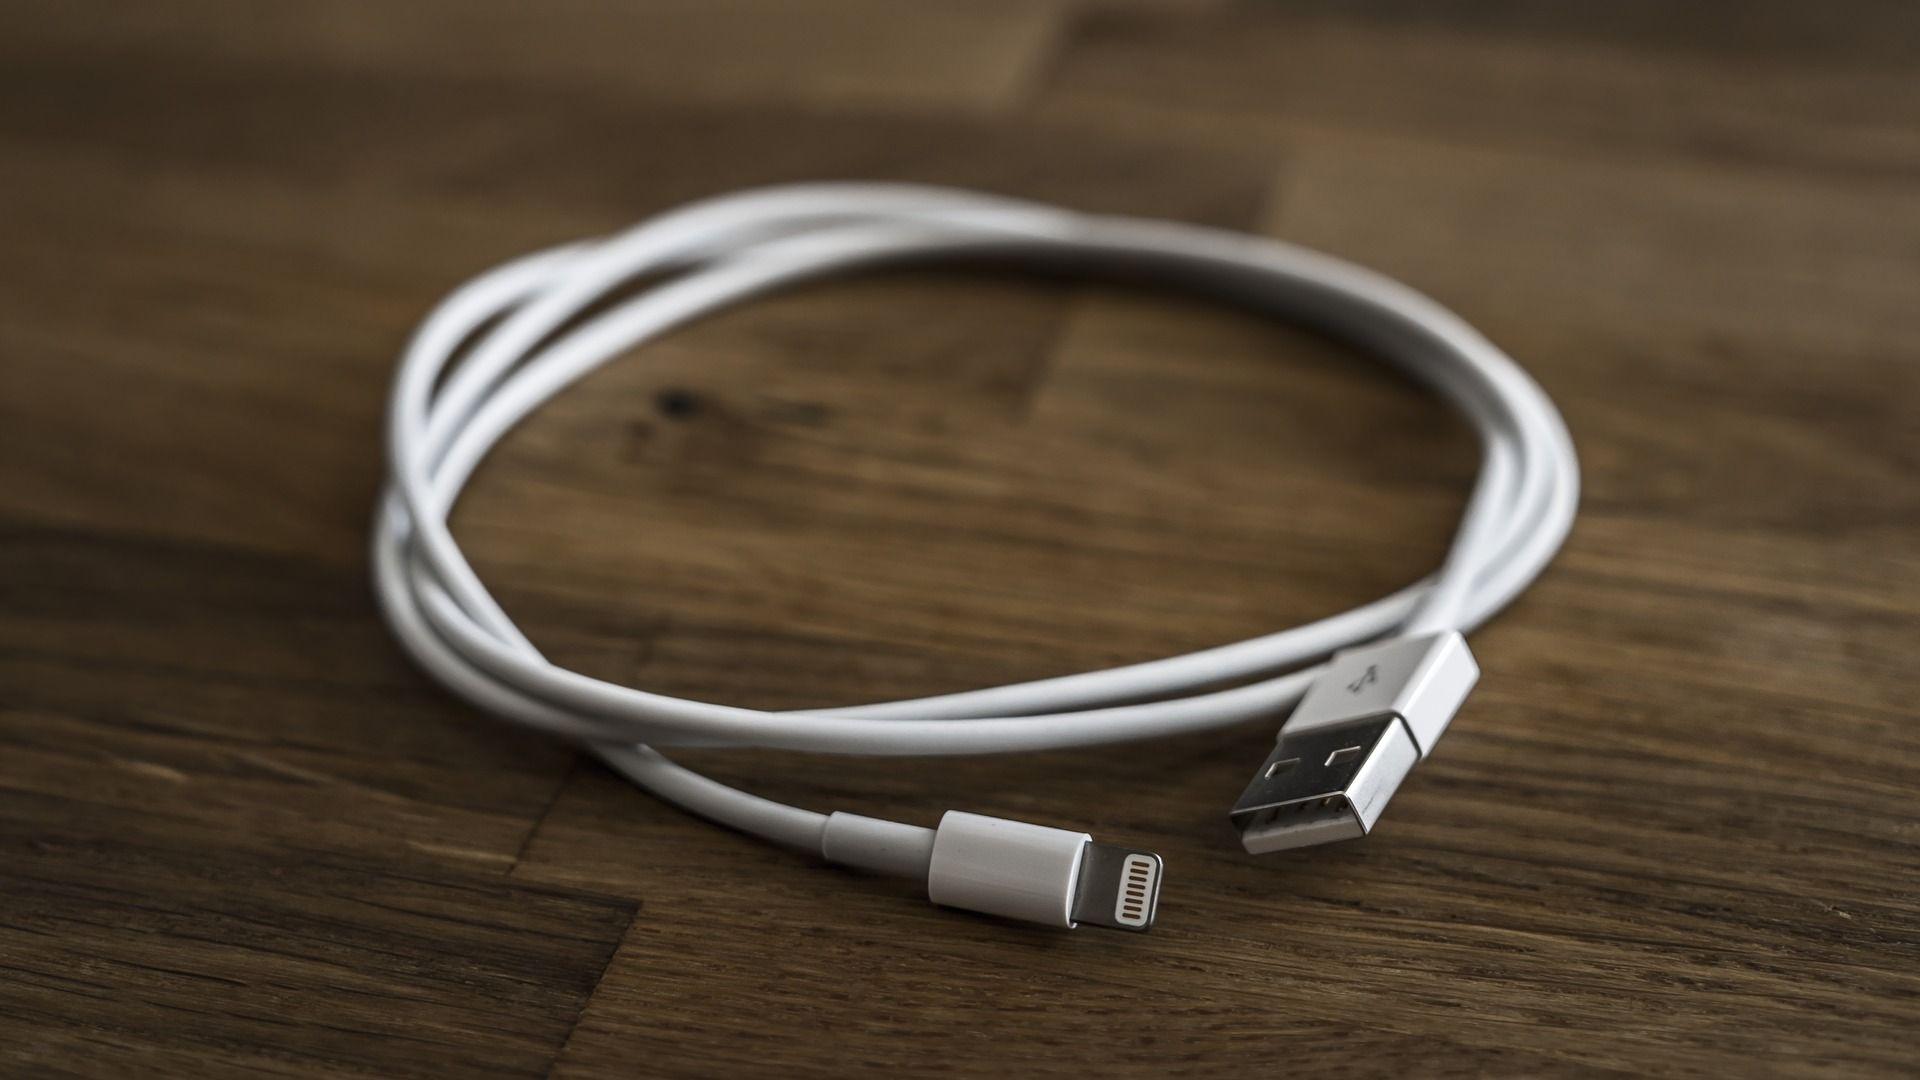 Wegen Elektroschott: Apple will keine einheitlichen Anschlussbuchsen in Smartphones